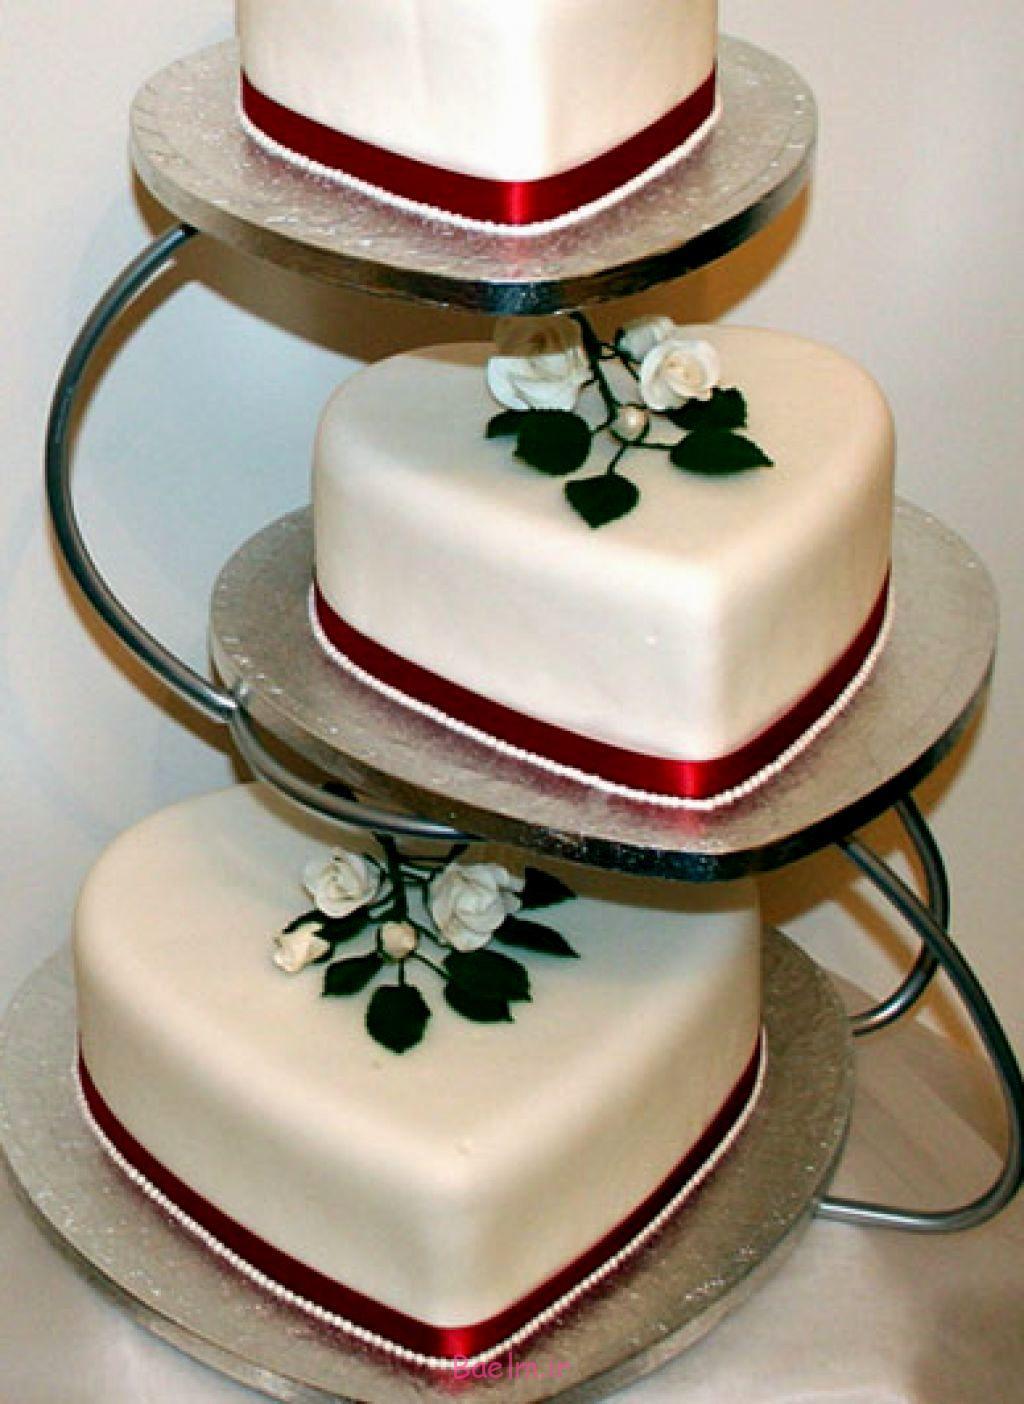 شیک ترین تزیینات کیک عروسی